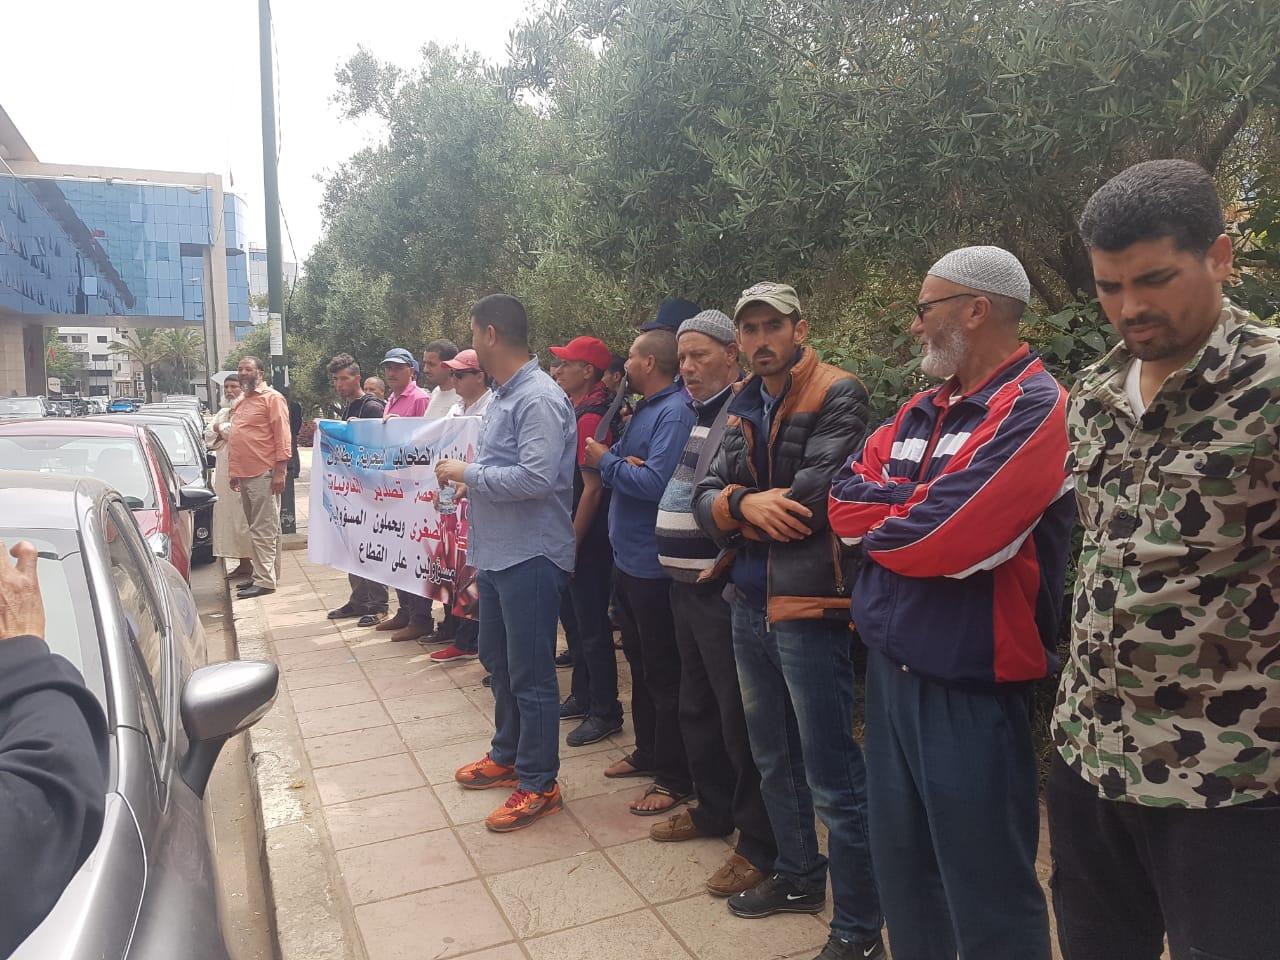 احتجاجات مهنيي قطاع الطحالب البحرية بالجديدة  تكلل بفتح حوار مع وزارة التجارة الخارجية